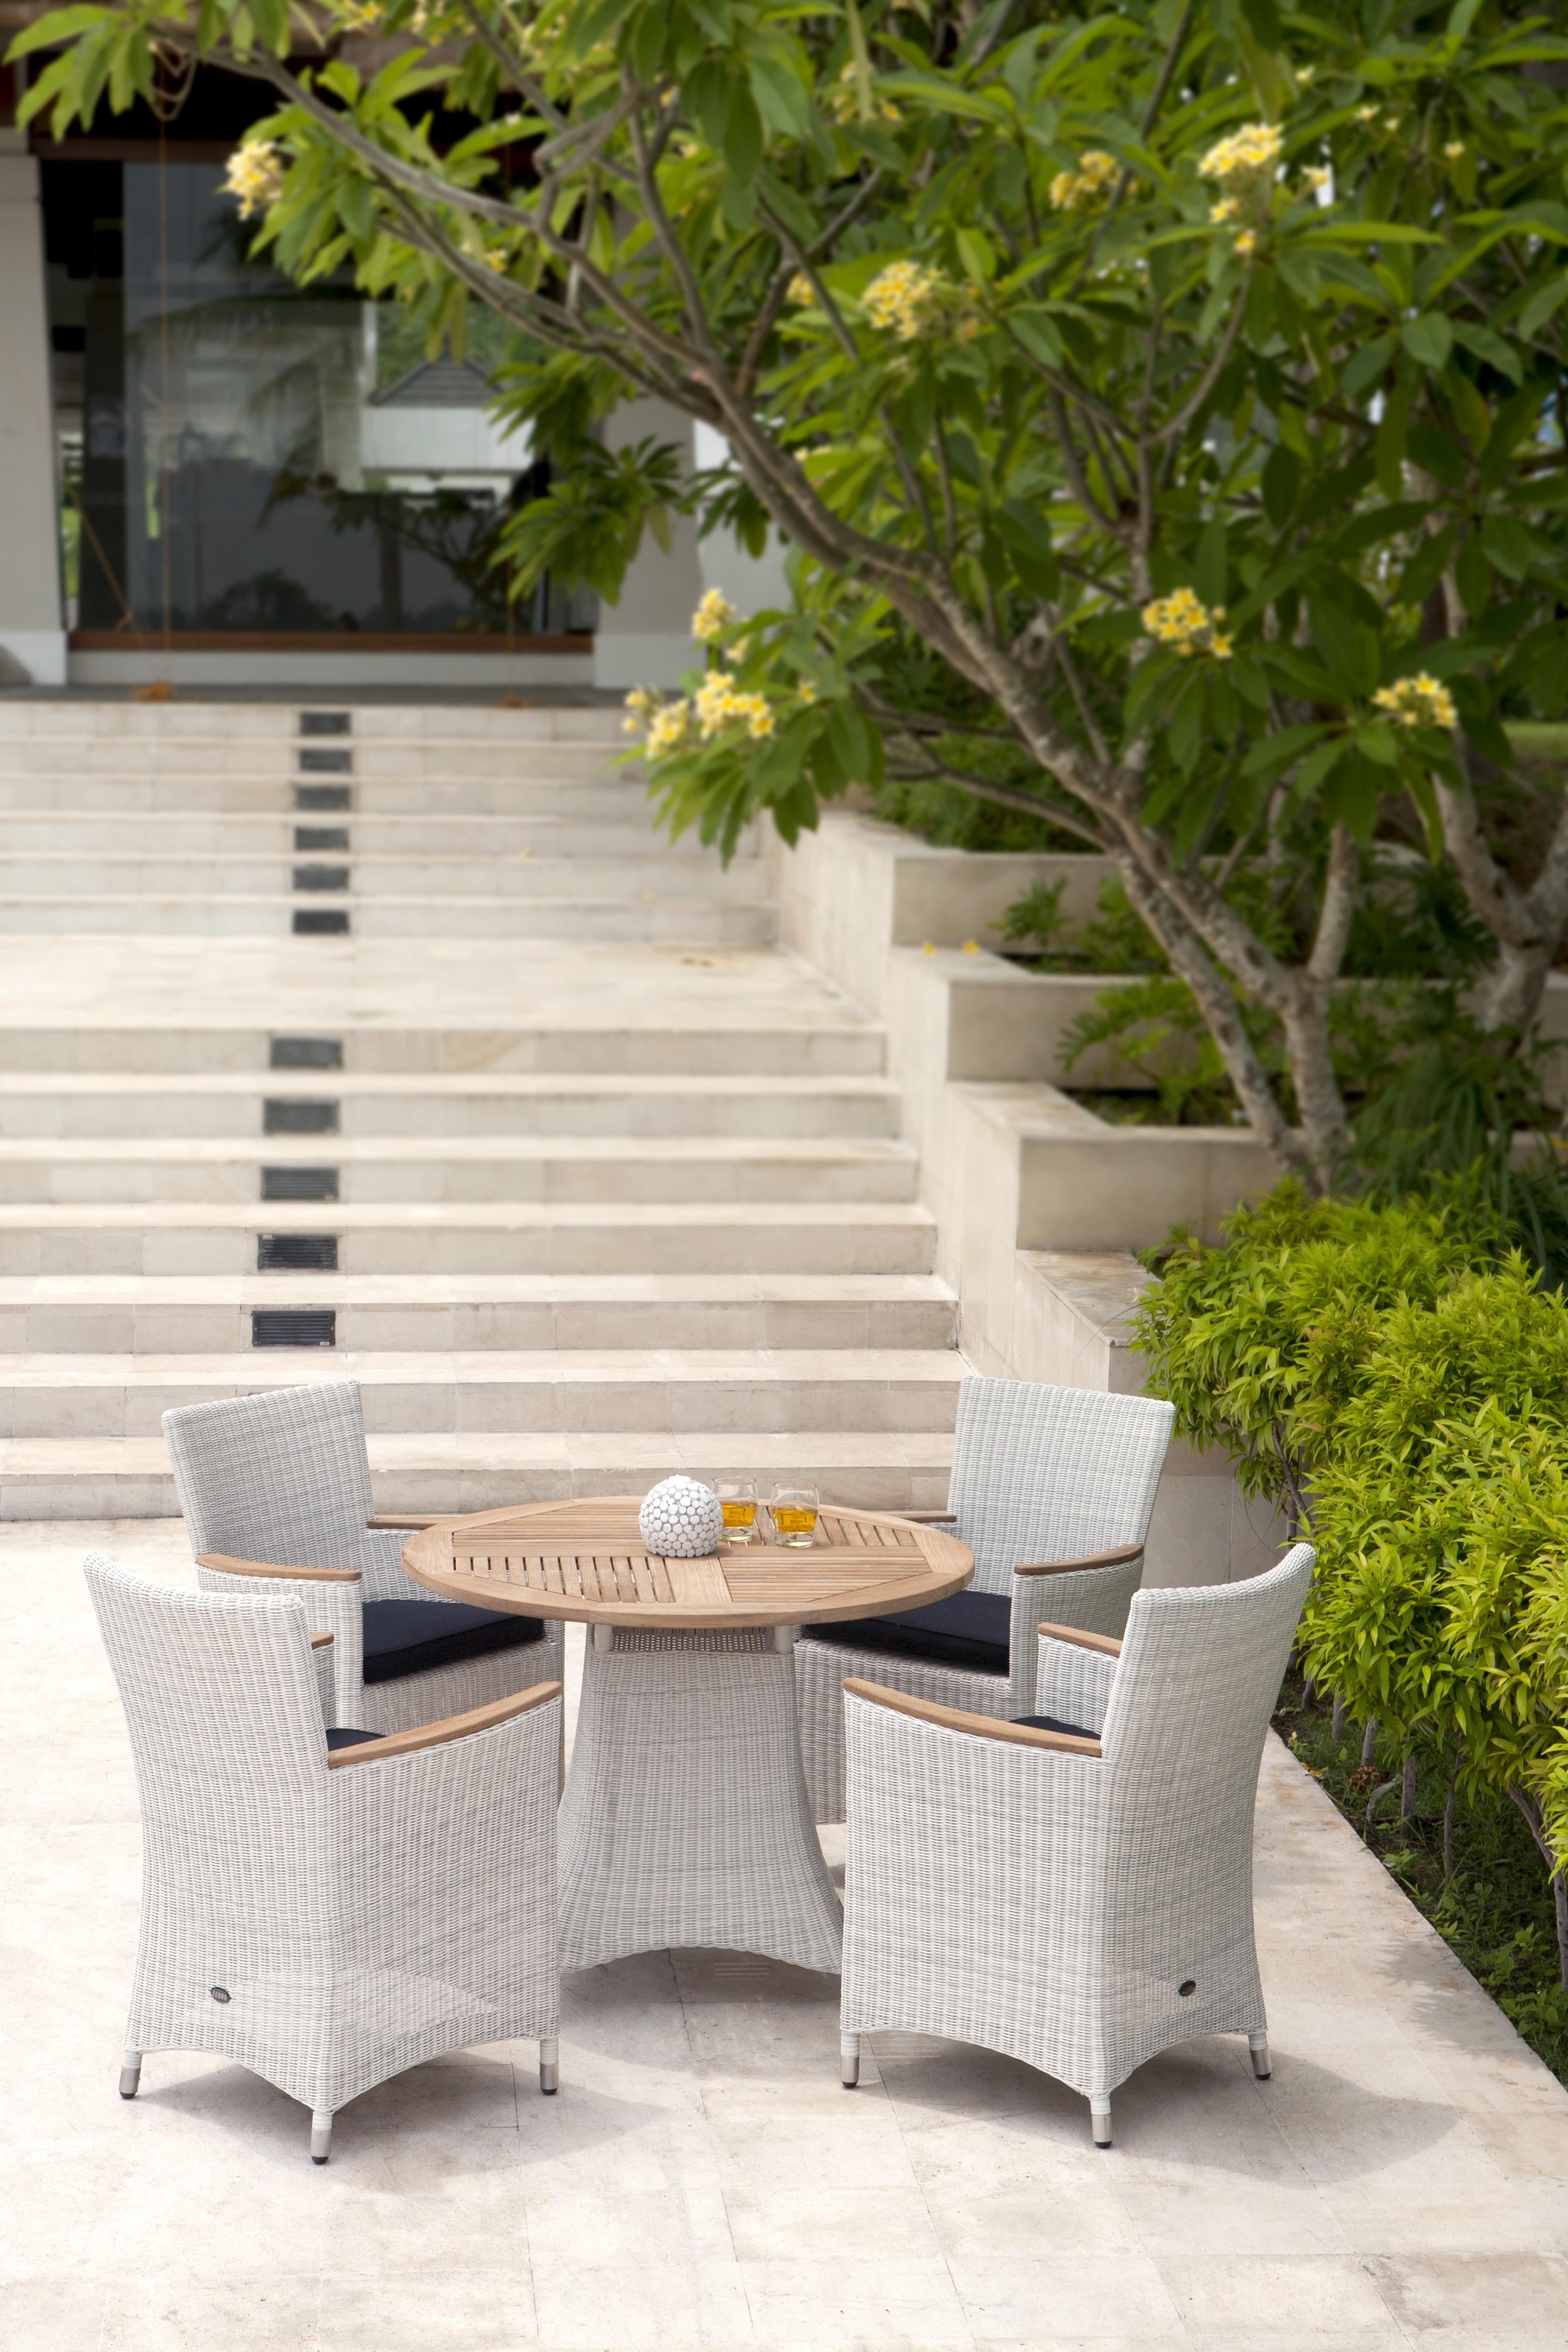 zebra loomus tisch silkwhite rund 100 cm talaso gartenm bel outlet online shop. Black Bedroom Furniture Sets. Home Design Ideas